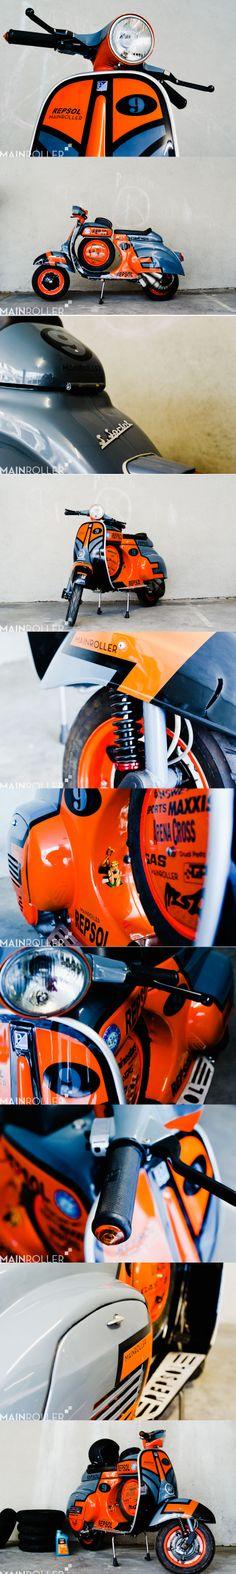 Vespa Super Sprint 136 Malossi via: Mainroller.de http://mainroller.de/portfolio/vespa-super-sprint-136ccm-malossi